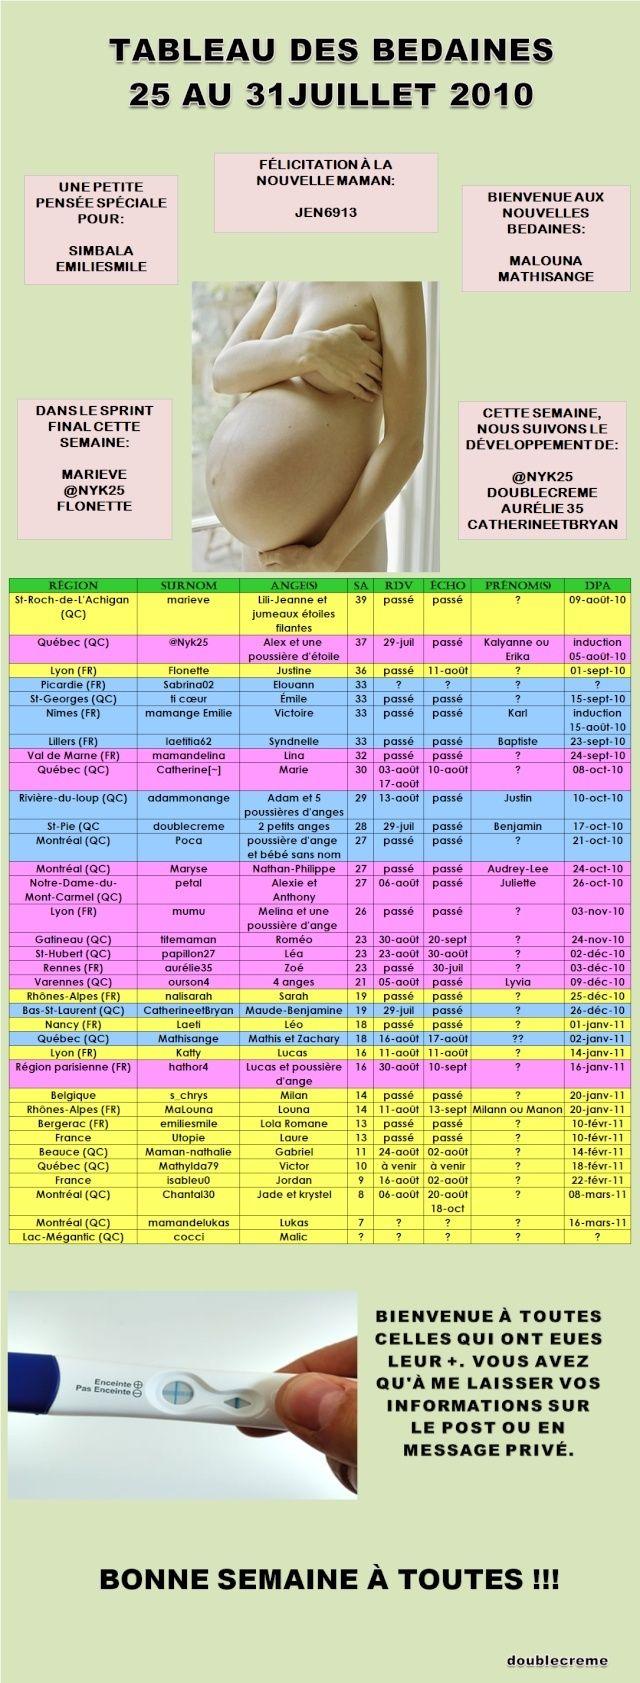 Tableau des bedaines - 25 au 31 juillet 2010 Tablea16